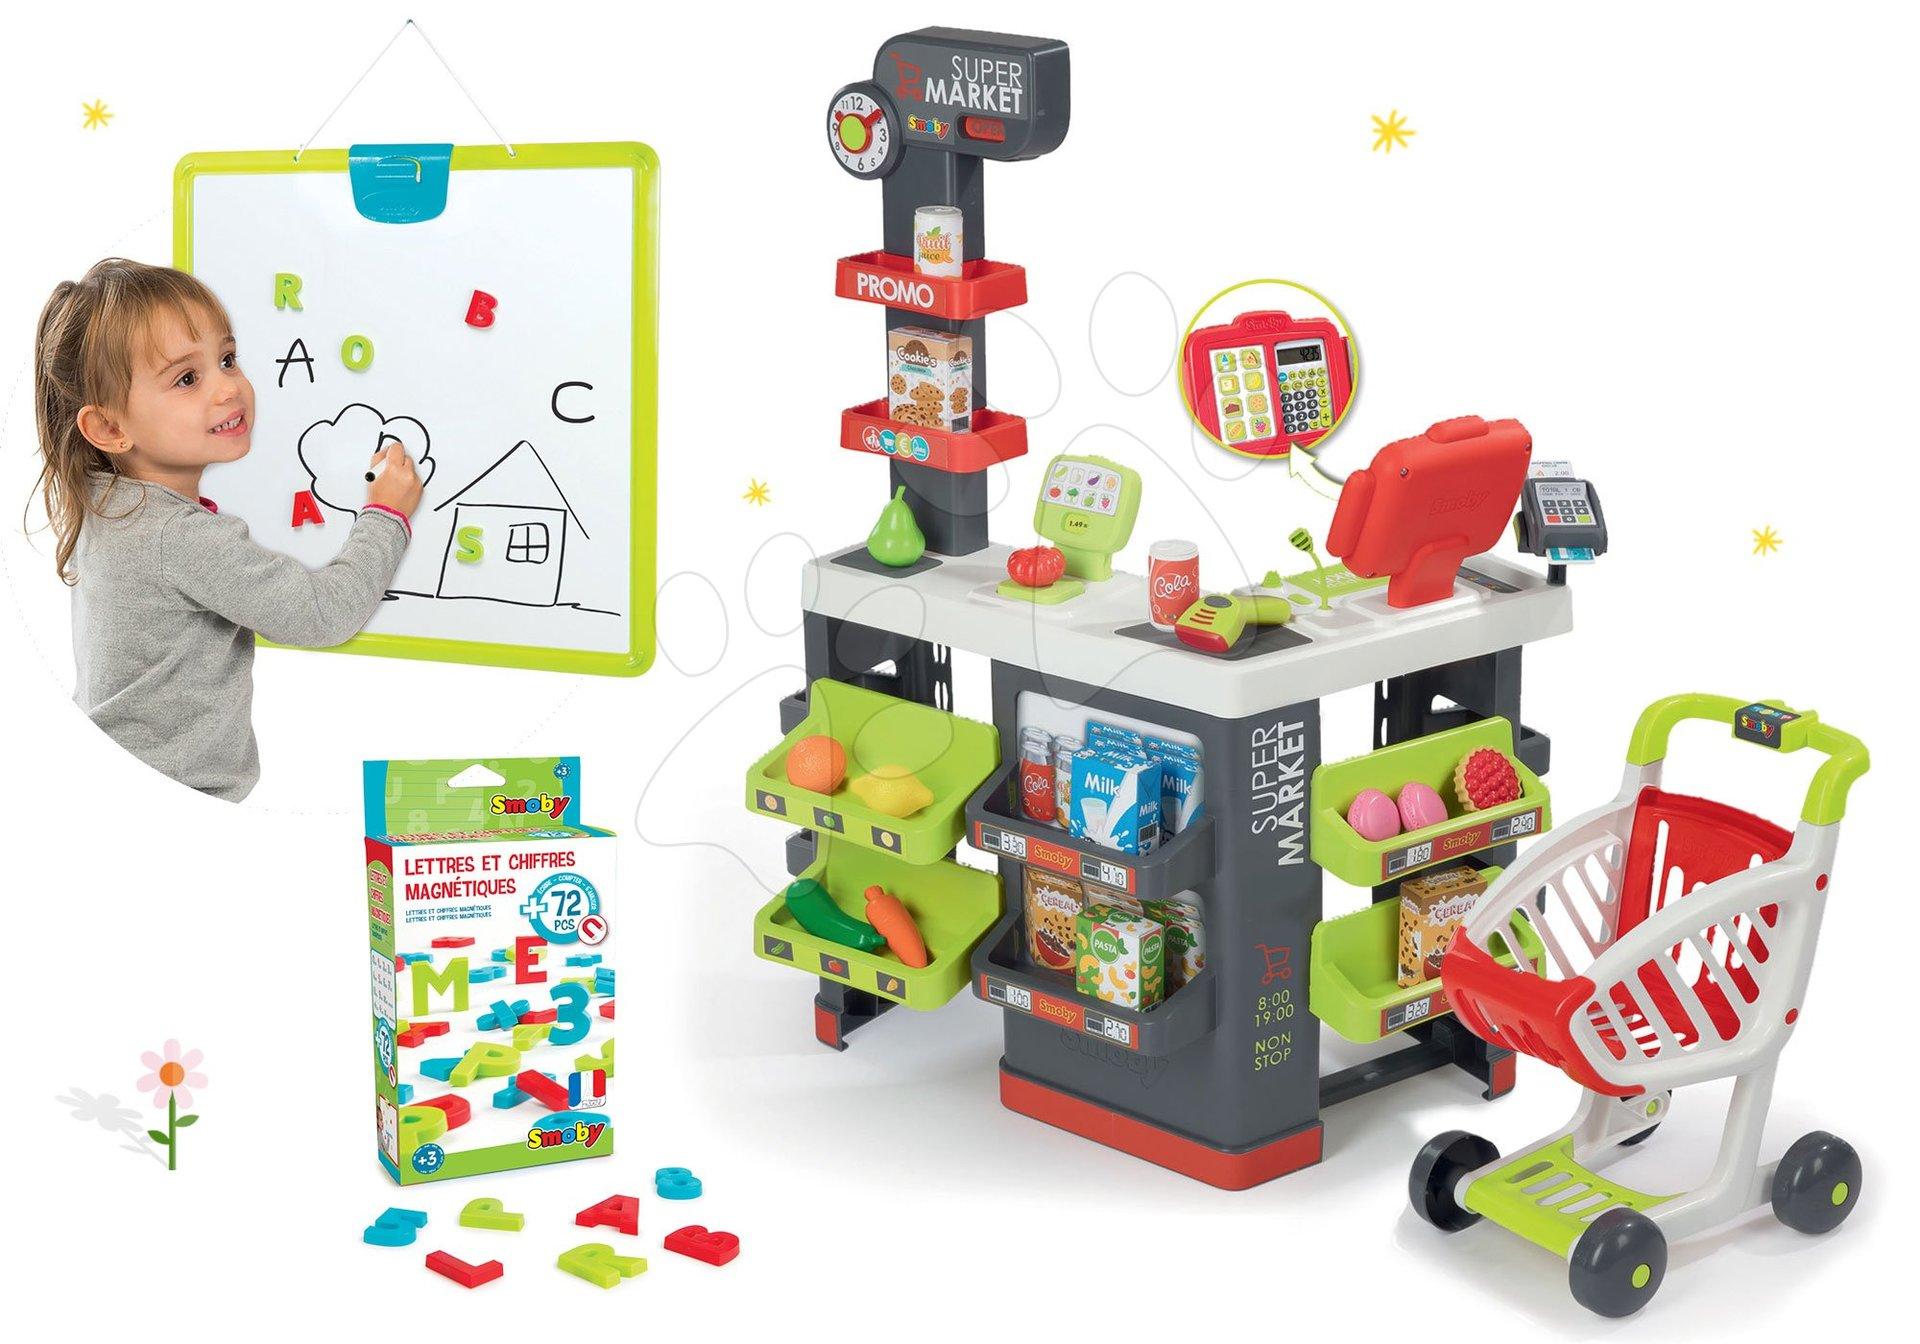 Smoby obchod Supermarket s pokladnou a magnetická tabule s magnetkami 350213-33